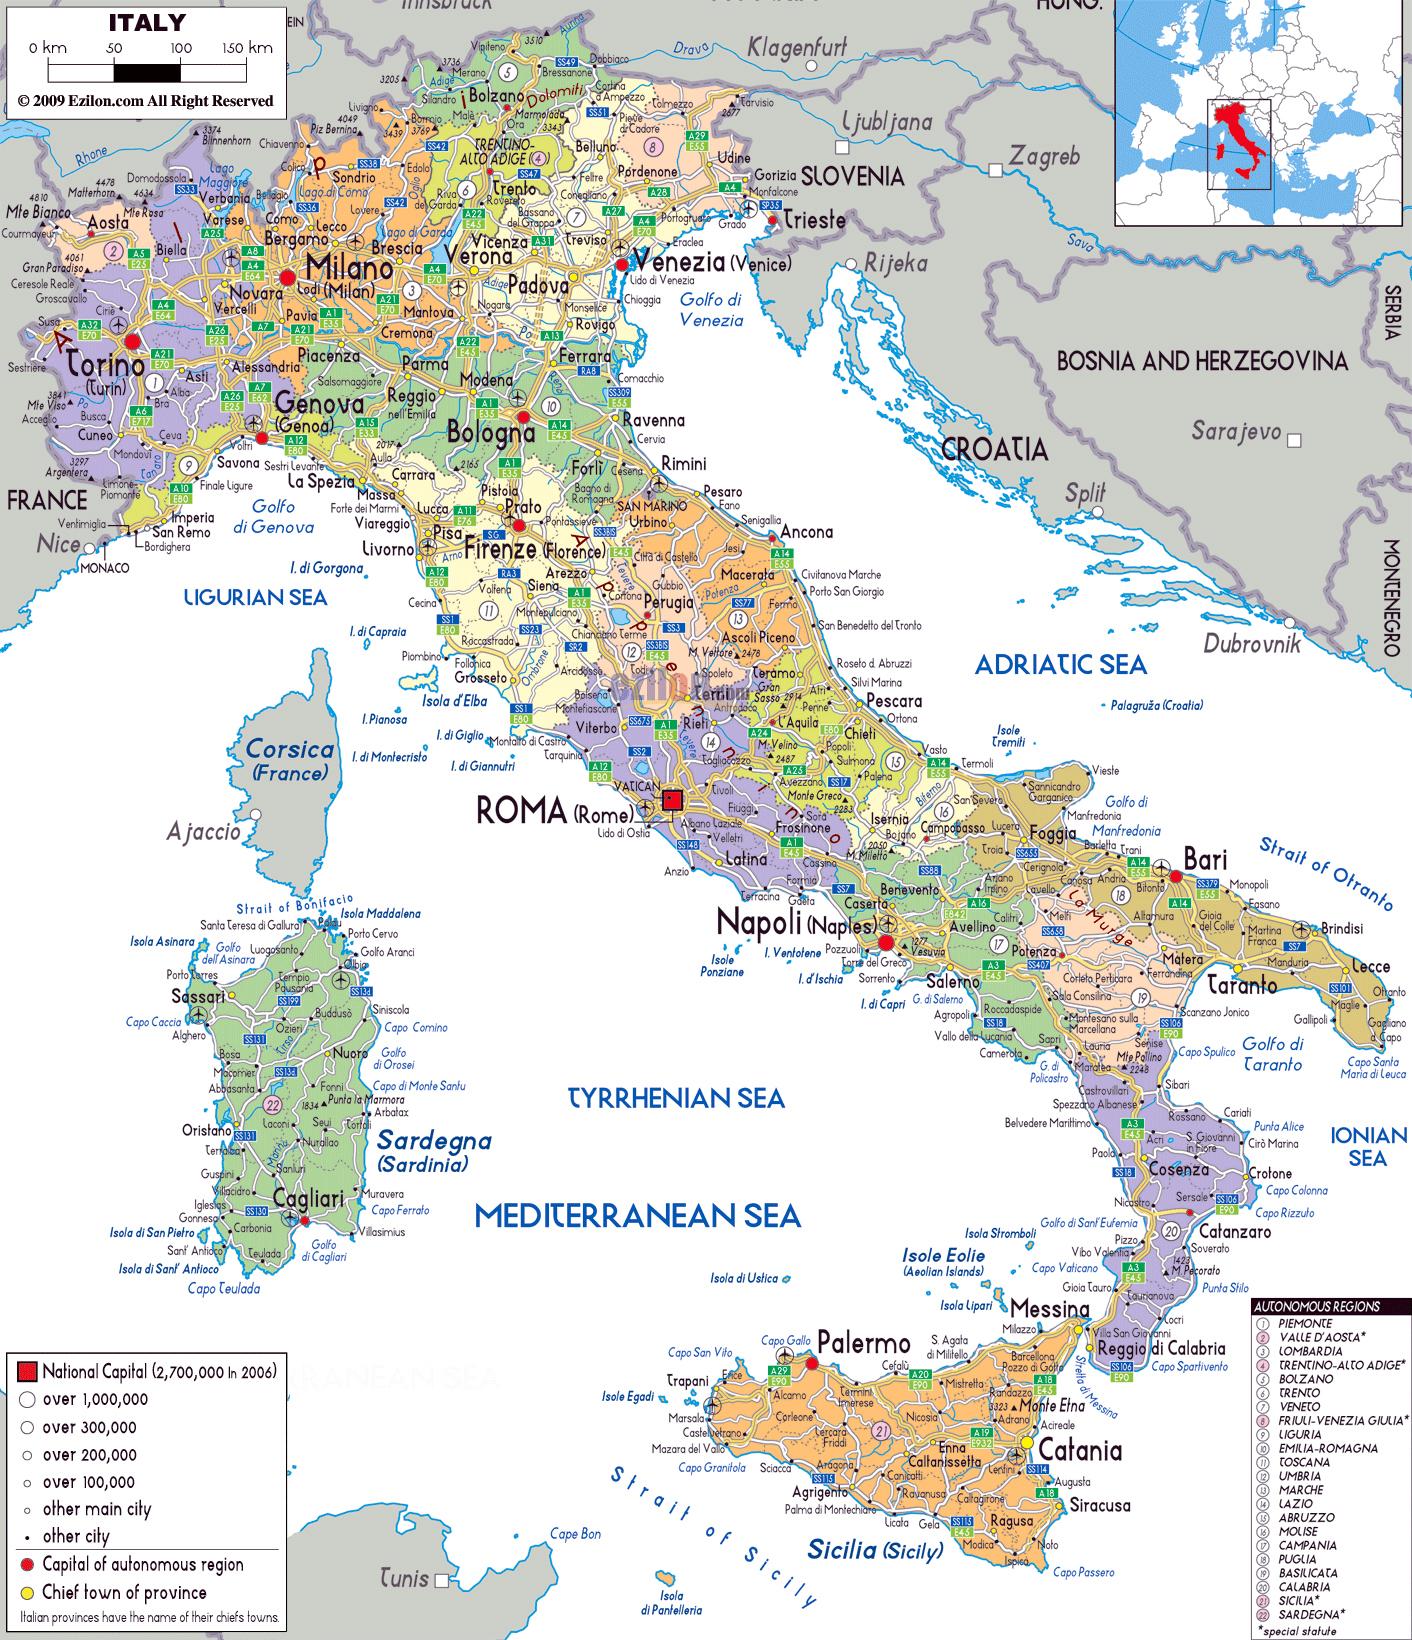 Aeropuertos De Italia Mapa.Mapa Politico Y Administrativo Grande De Italia Con